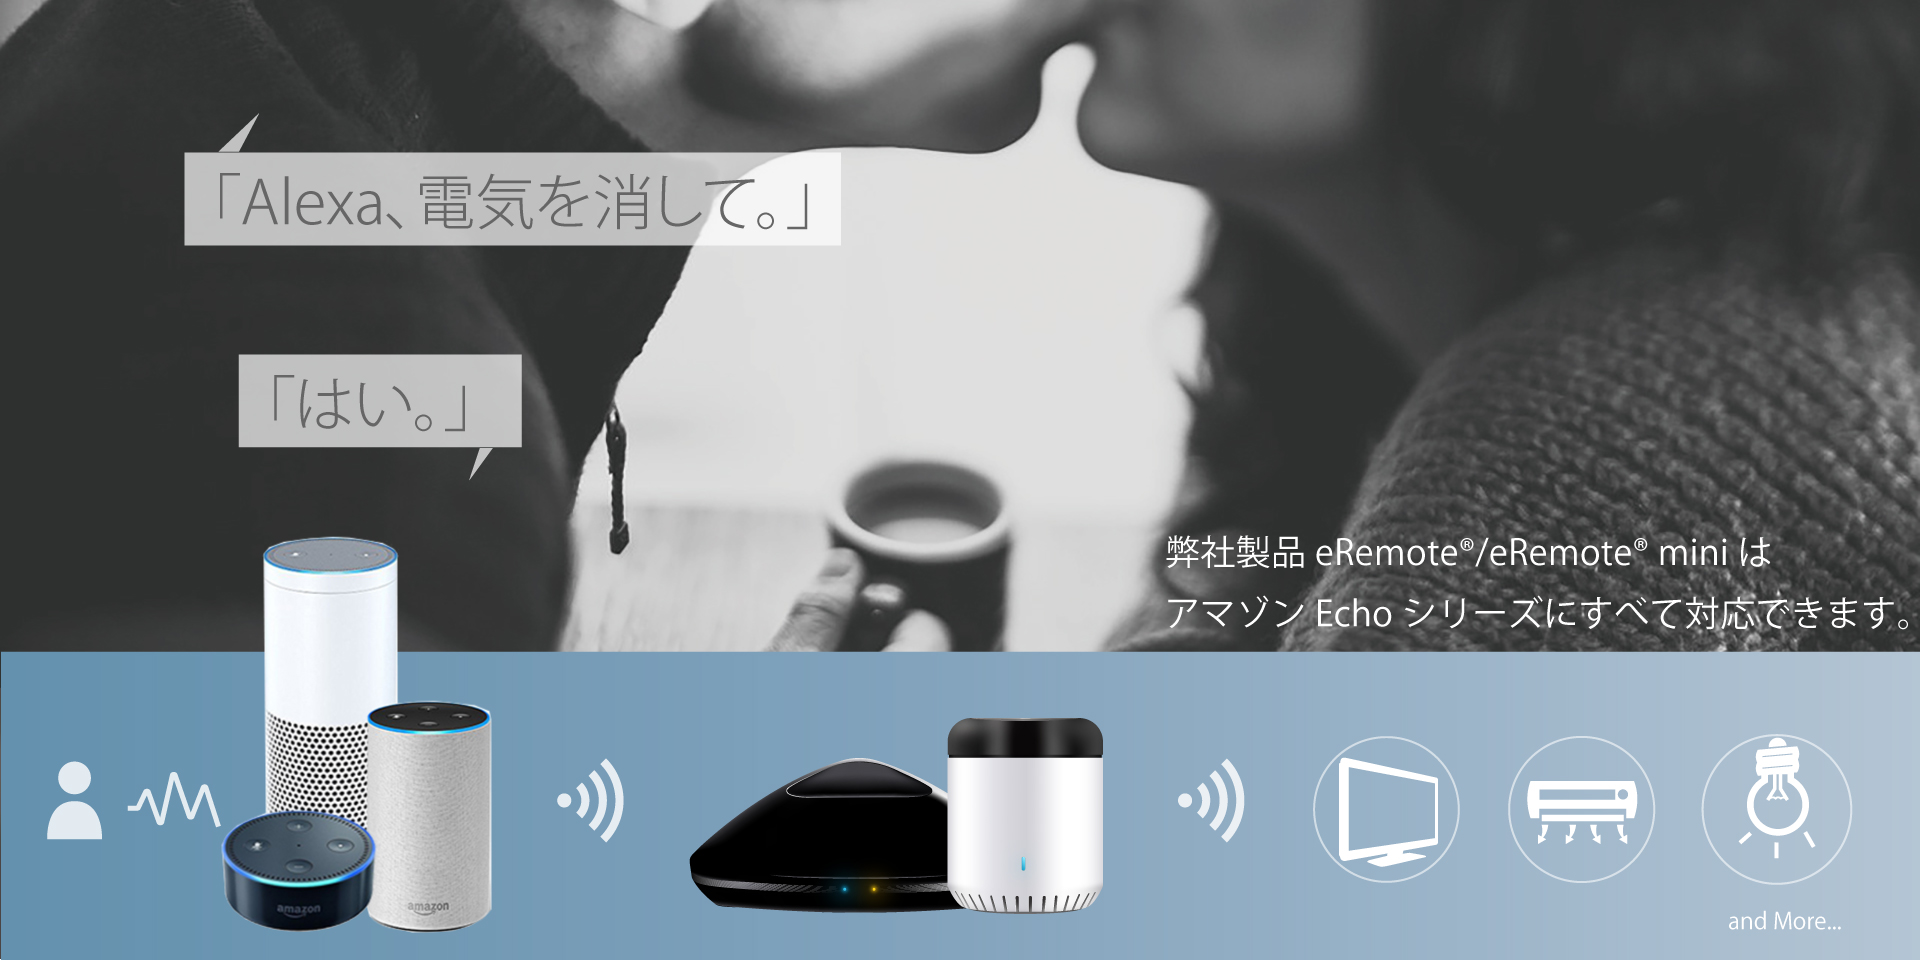 Google alexa & Remote & Remote mini